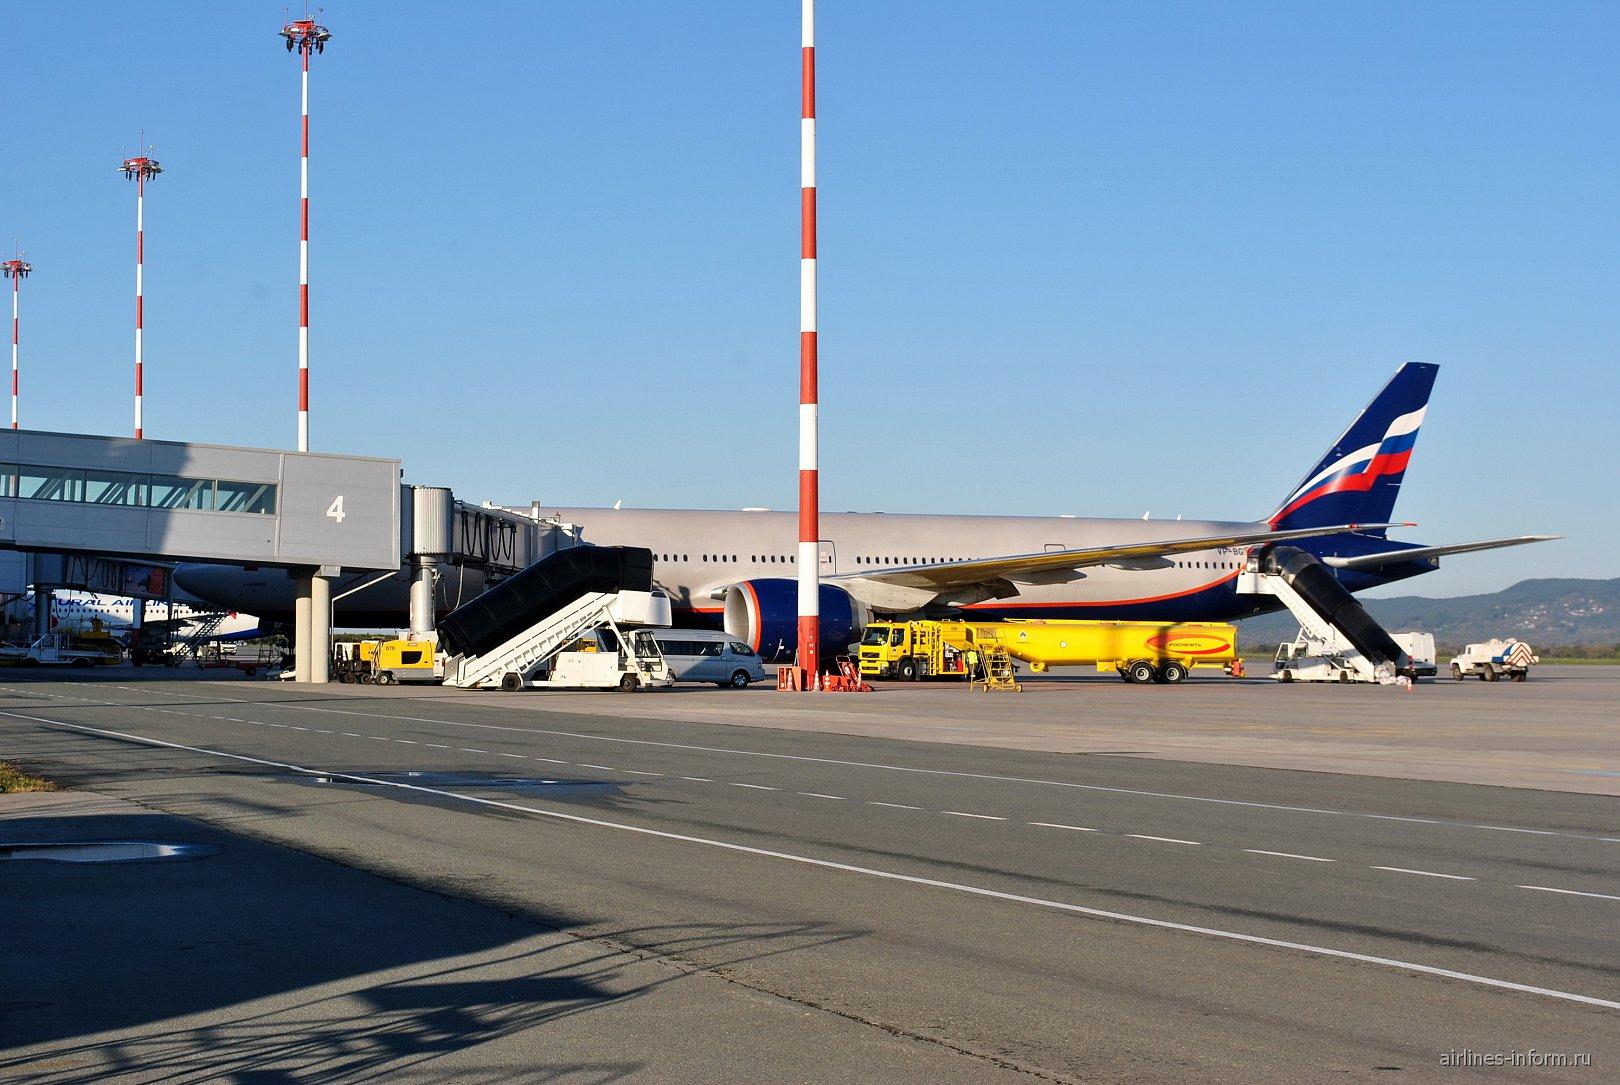 S7 Airlines новые нормы бесплатного провоза багажа Скиру